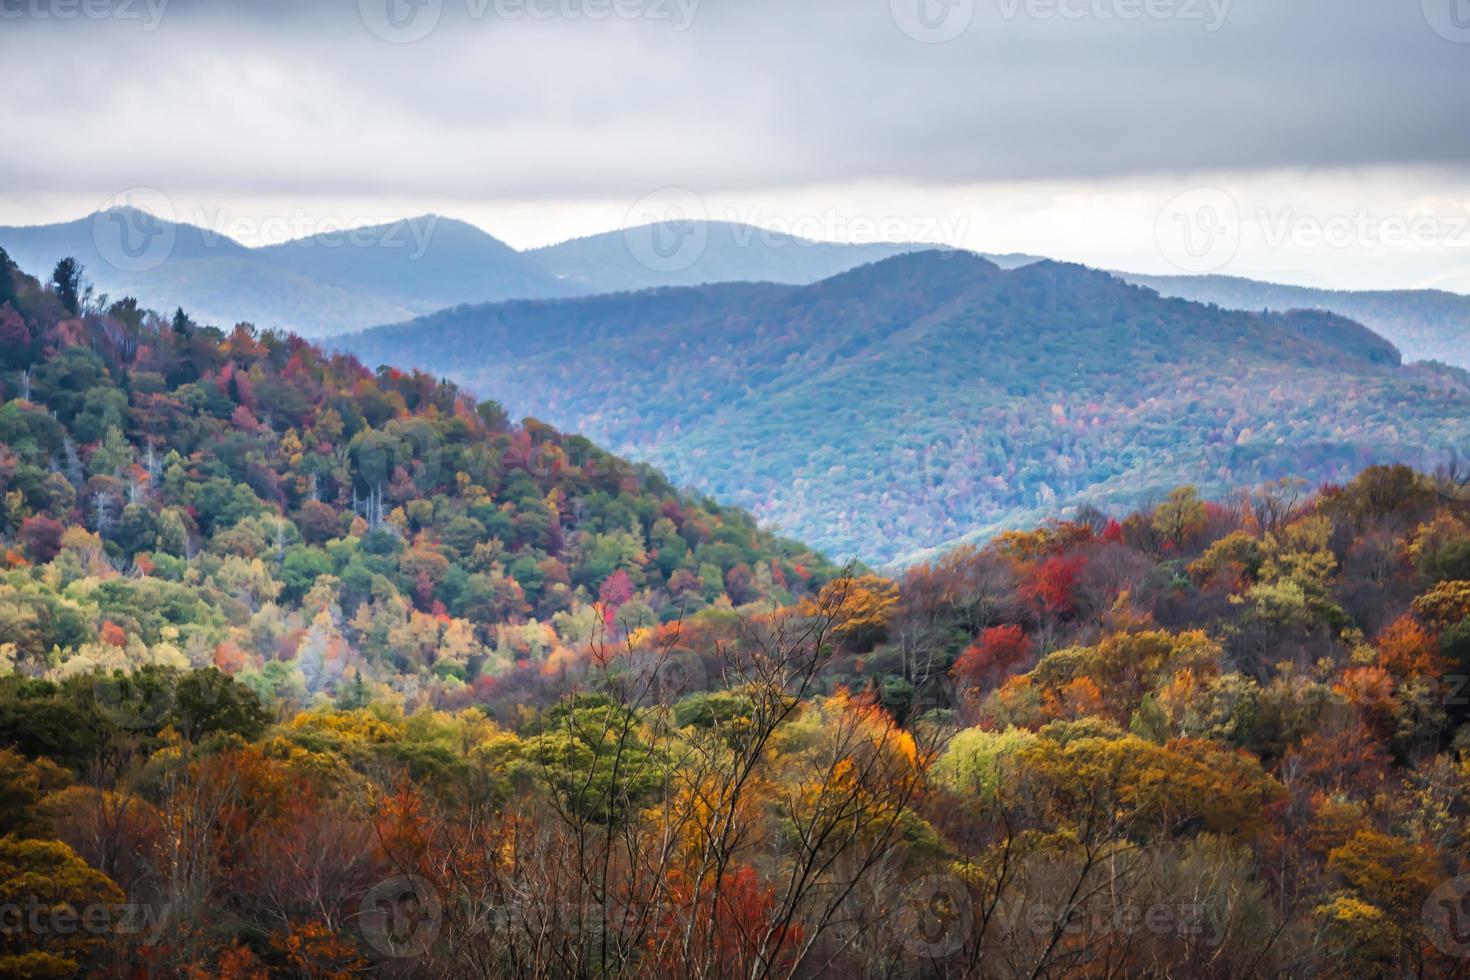 cume azul e montanhas esfumaçadas mudando de cor no outono foto